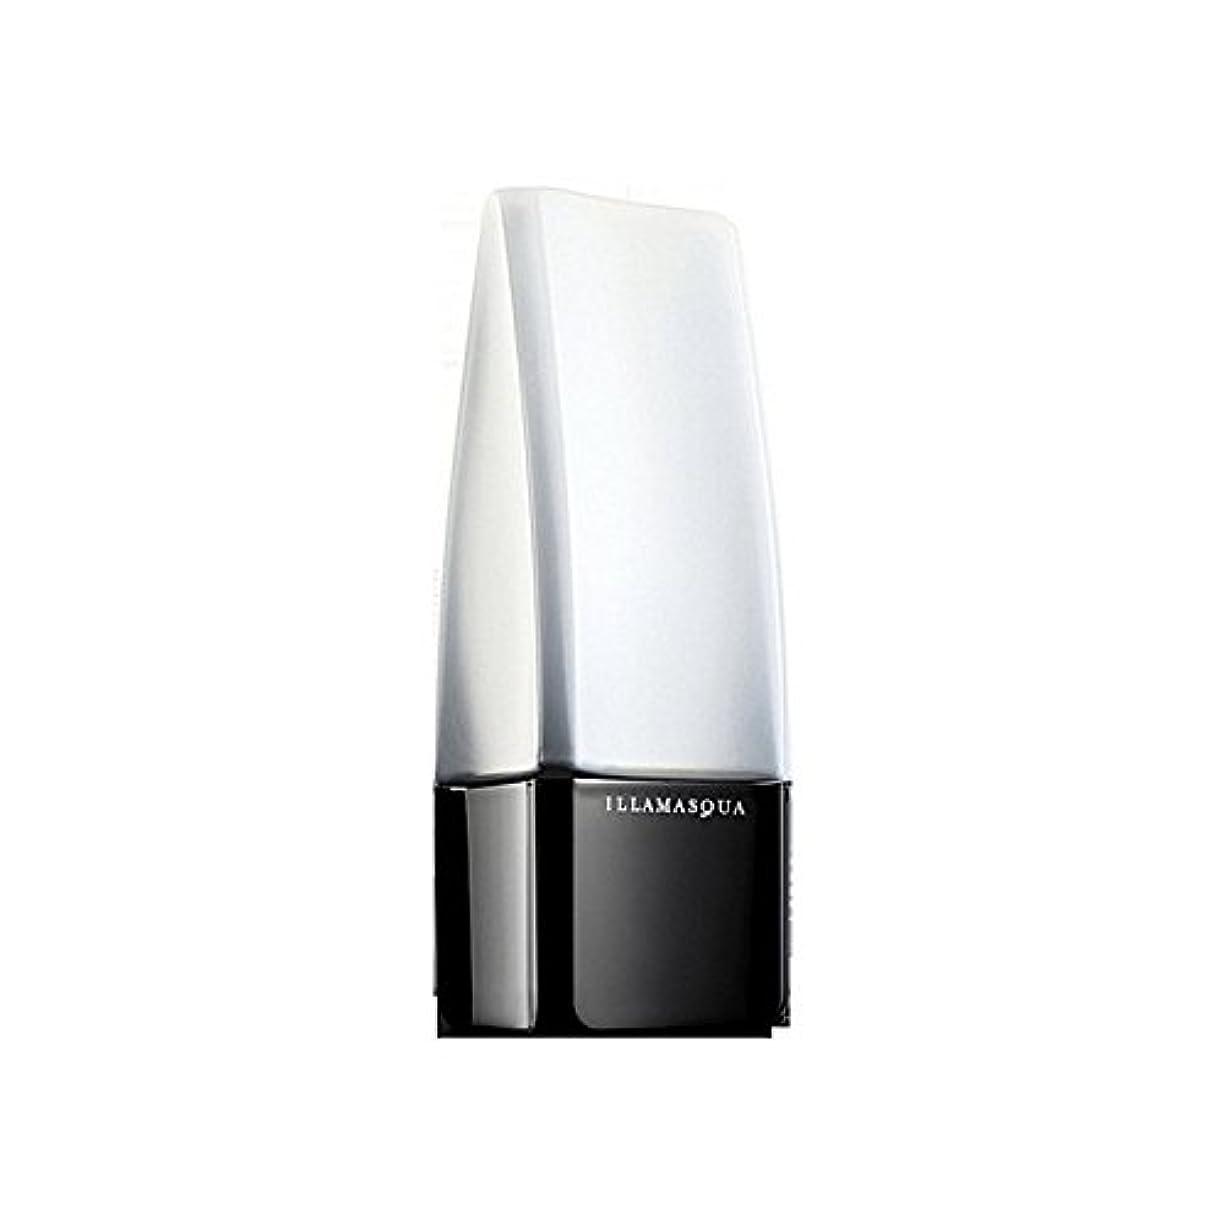 薄暗い年次効果的Illamasqua Matt Primer Spf 20 30ml (Pack of 6) - マットプライマー 20 30ミリリットル x6 [並行輸入品]